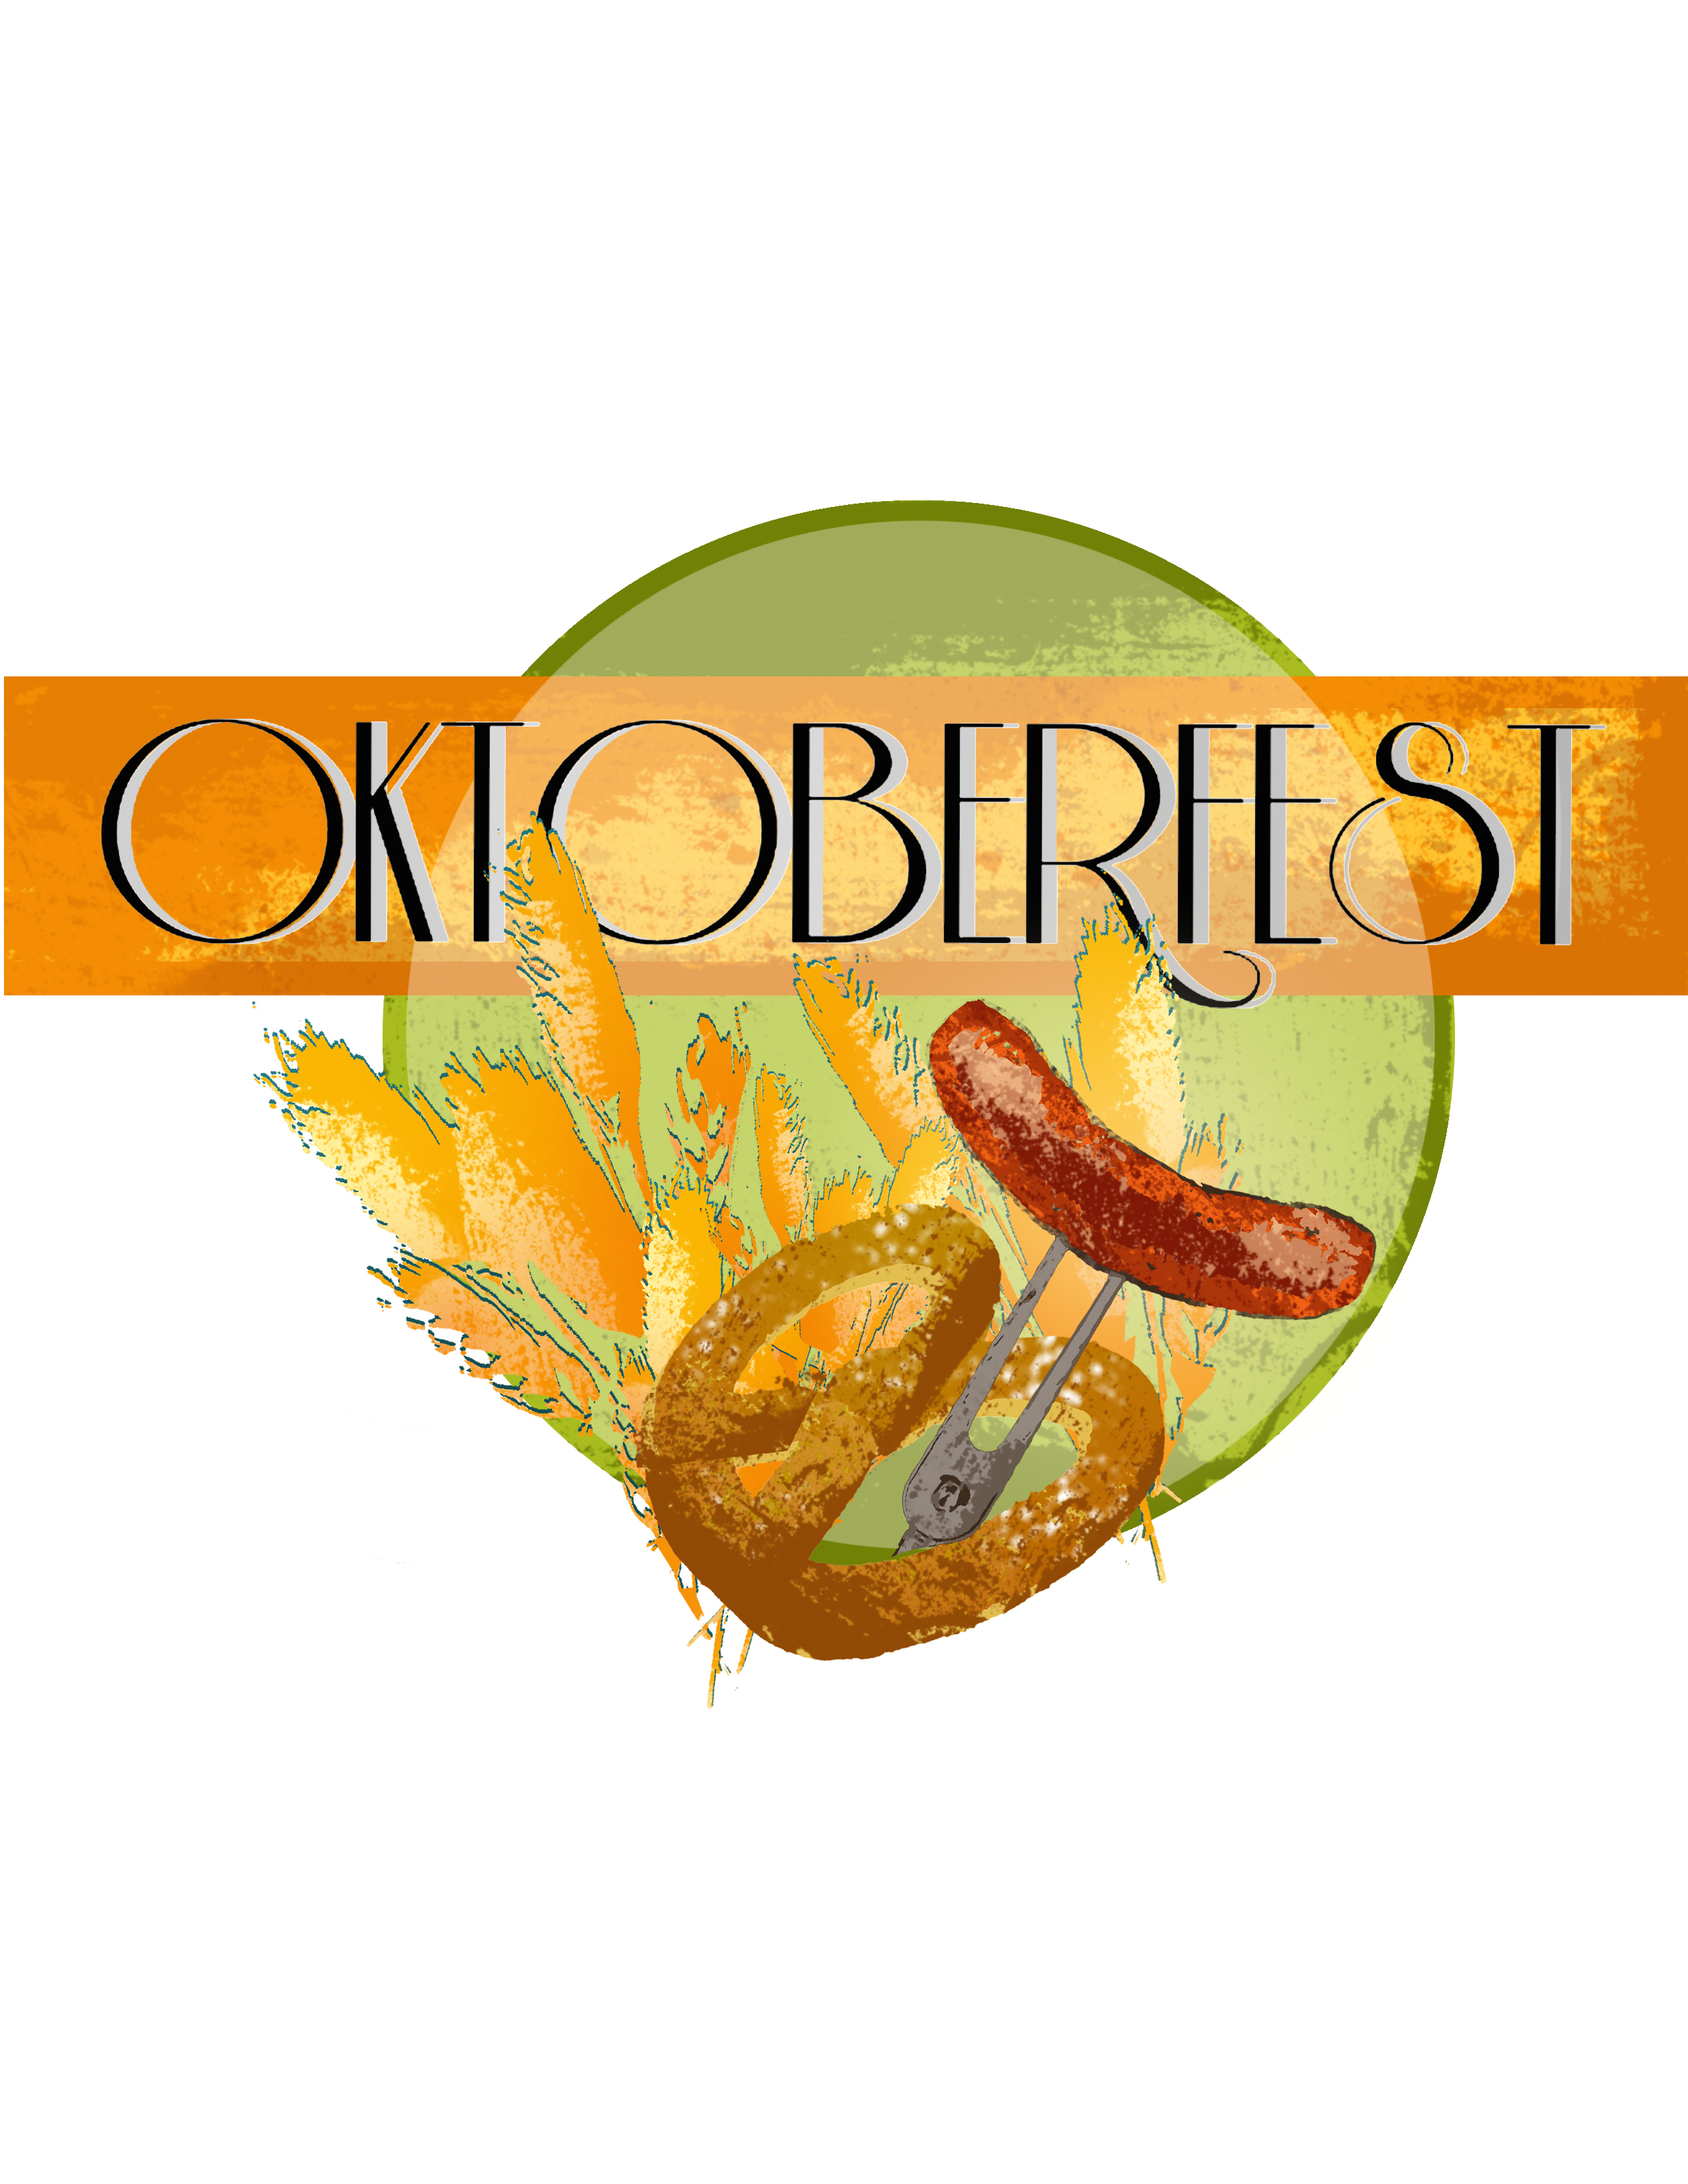 Oktoberfest copy